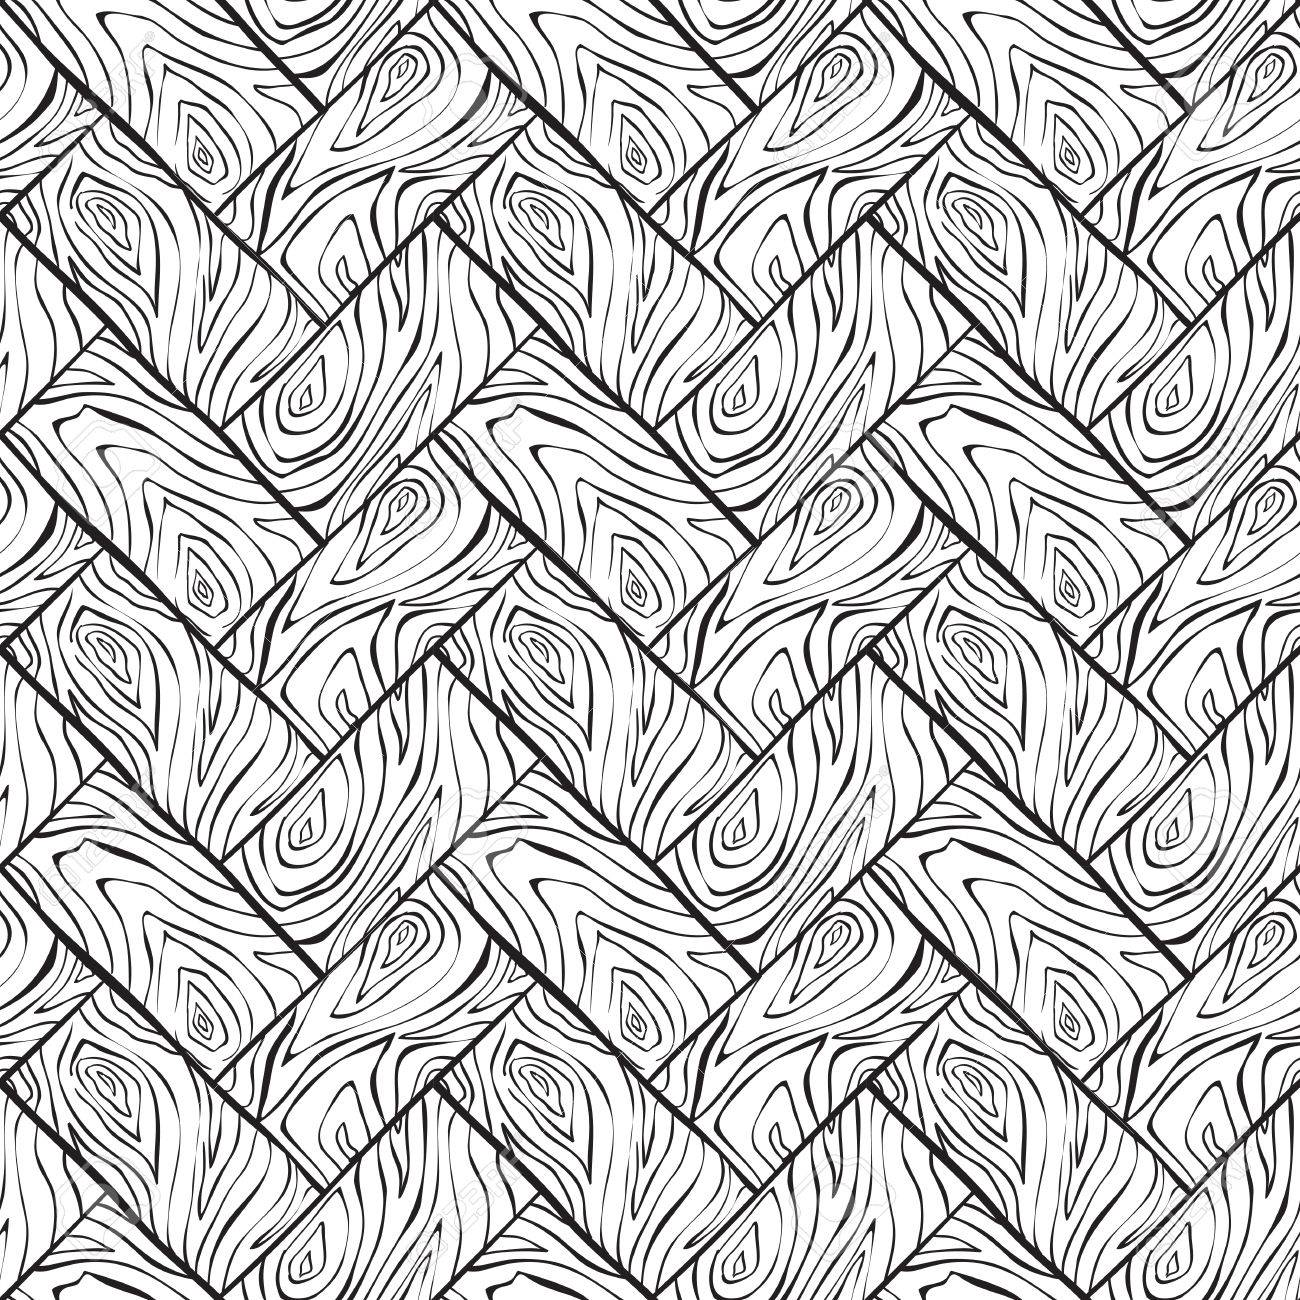 Vector Texture Du Bois Seamless Fond Dessin à Lencre Imitation